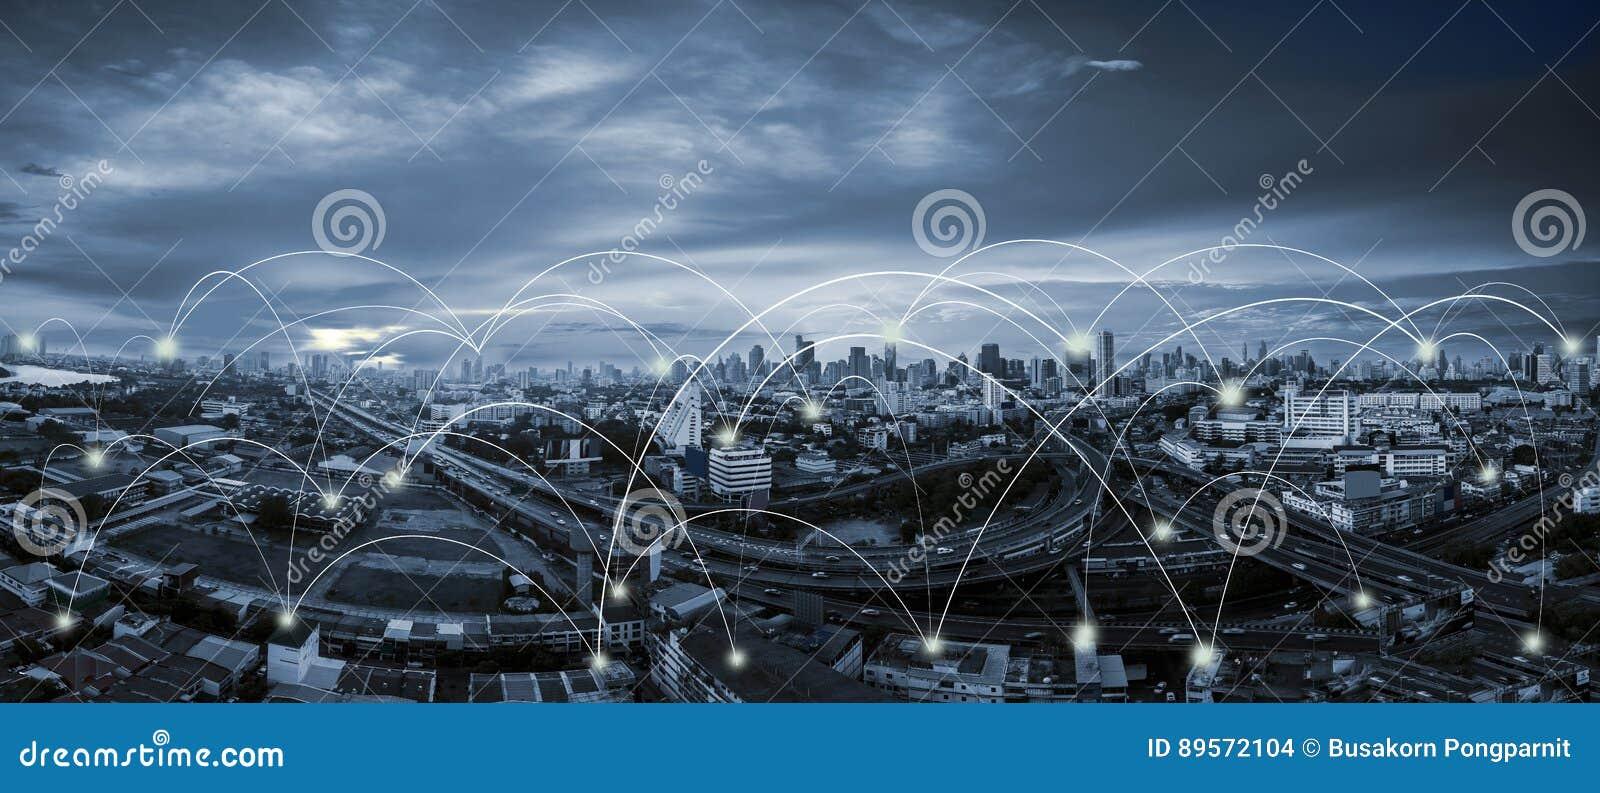 Scape de la ciudad del tono y conexión de red azules